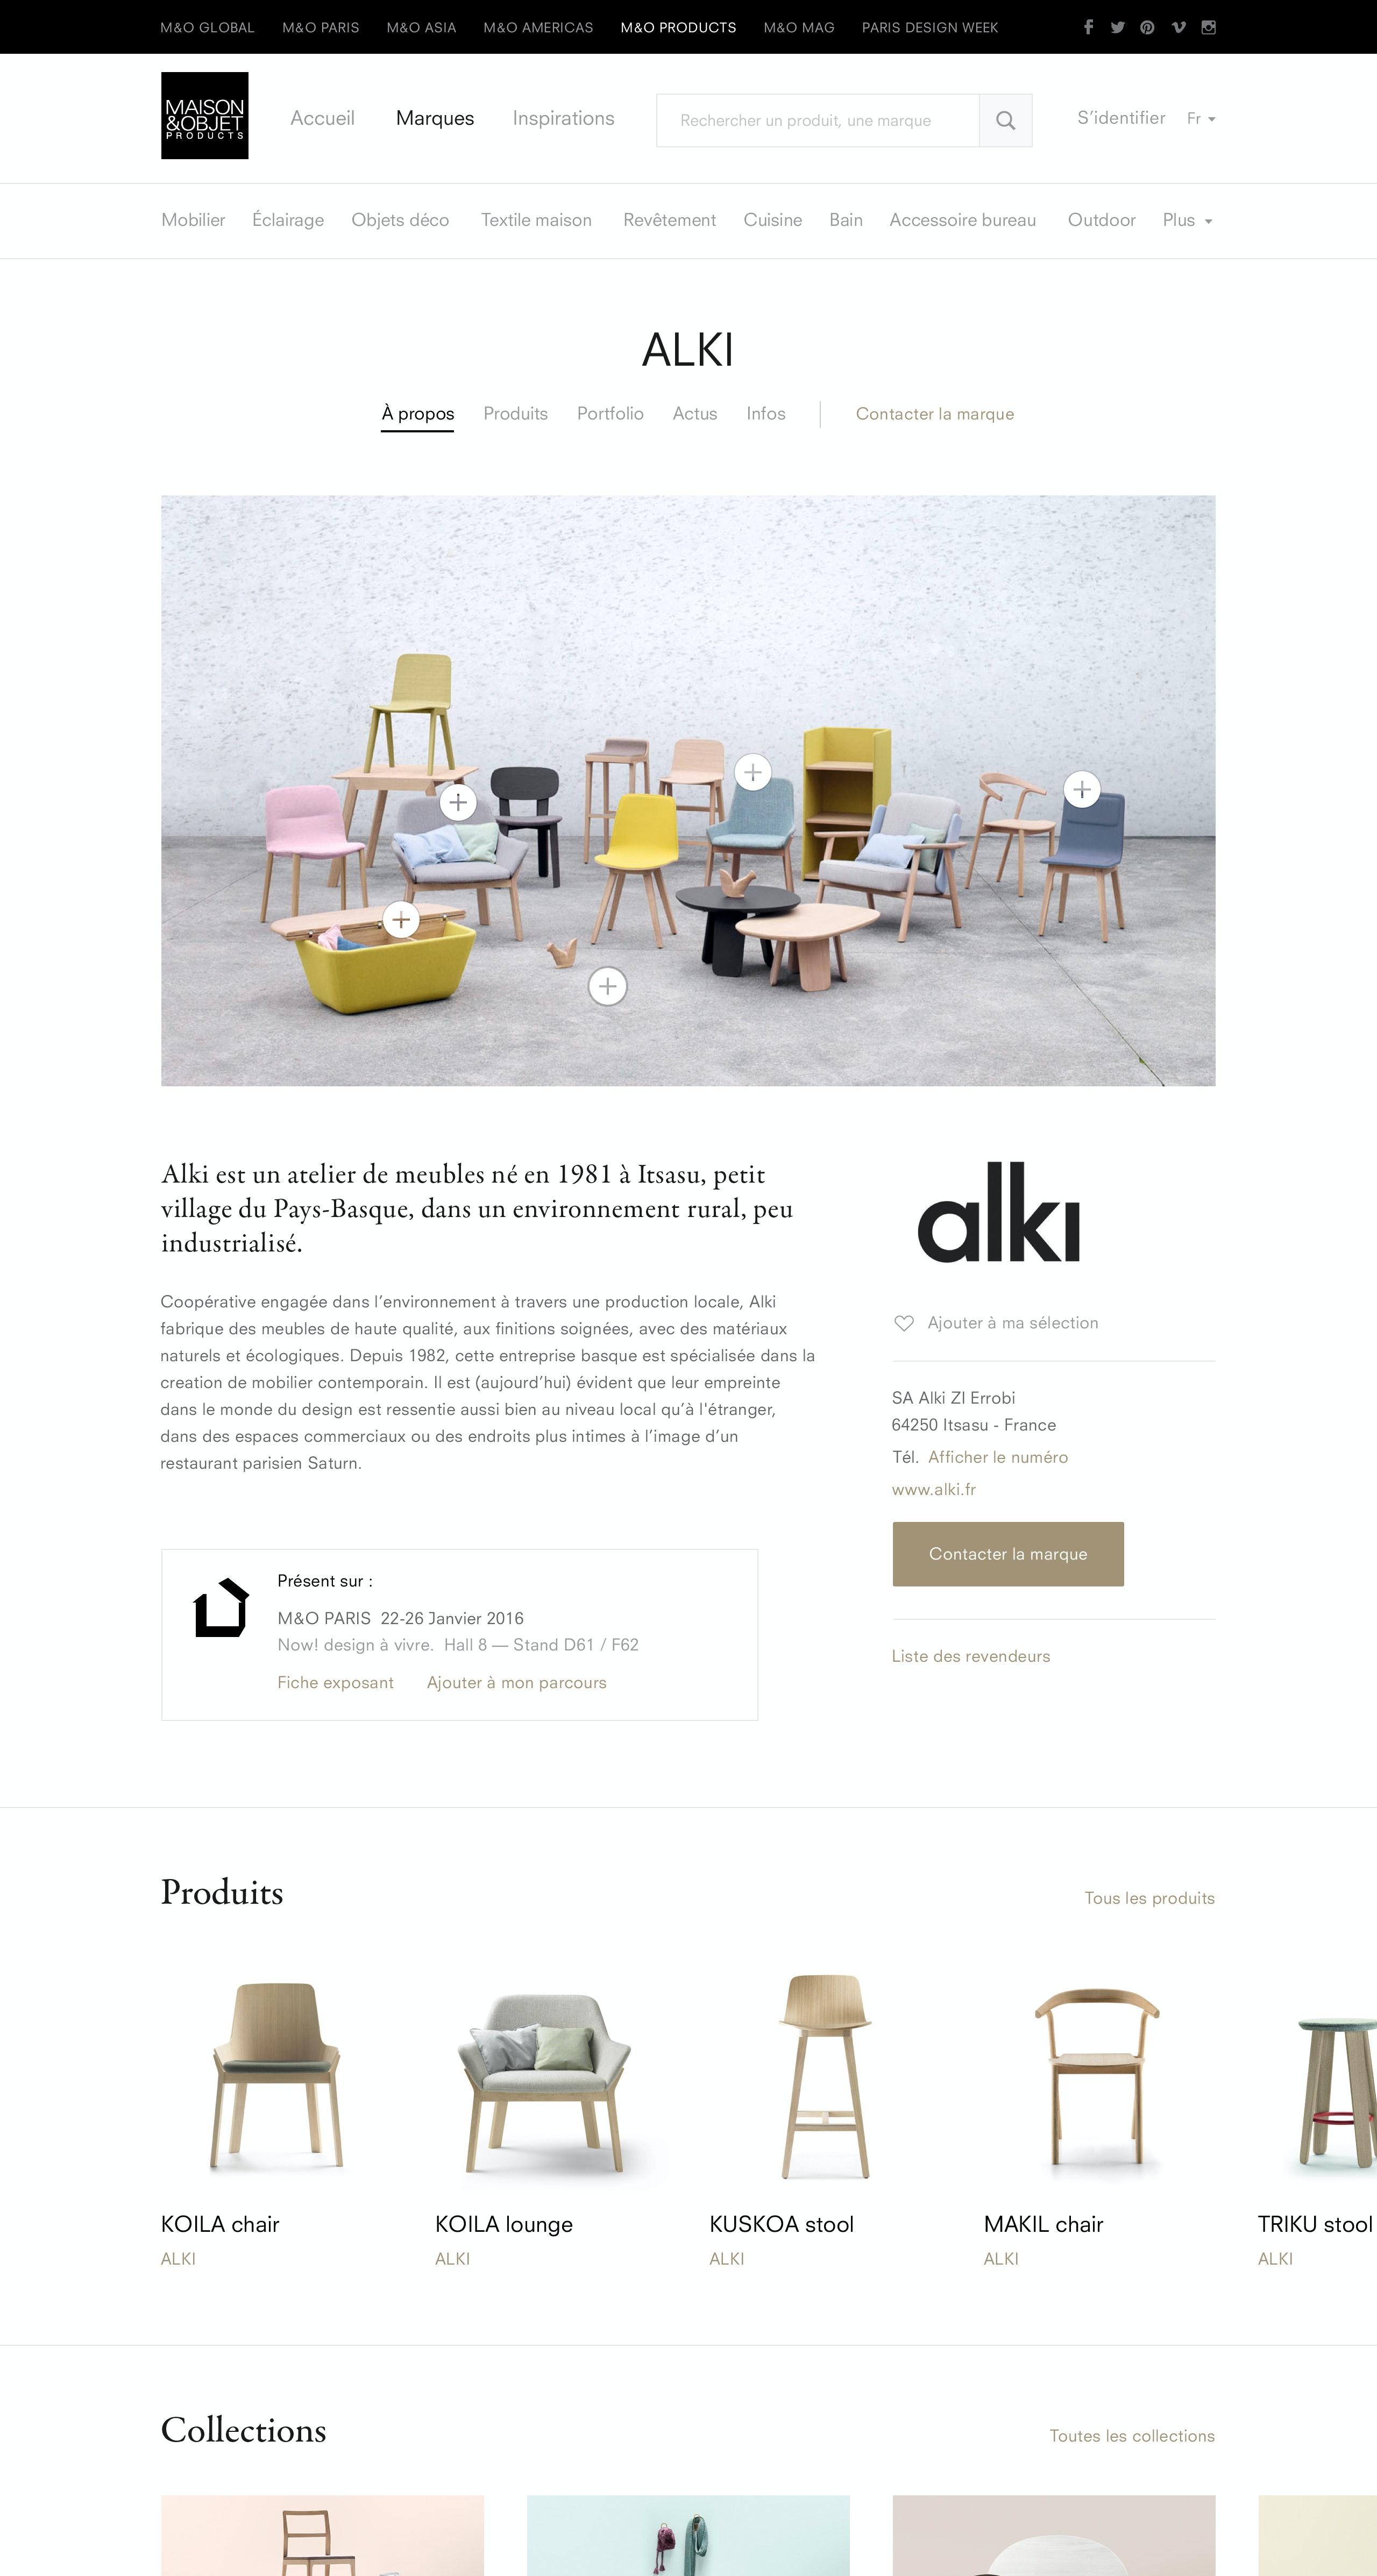 maison-objet_07a_marque_desktop Frais De Table Basse Trocadero Des Idées